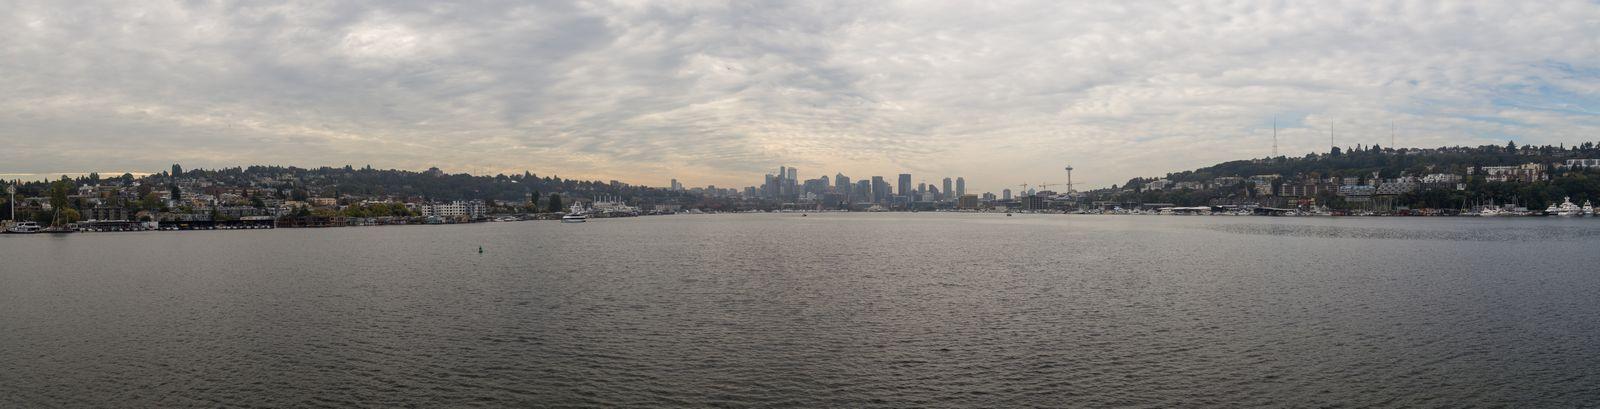 Seattle más allá del lago